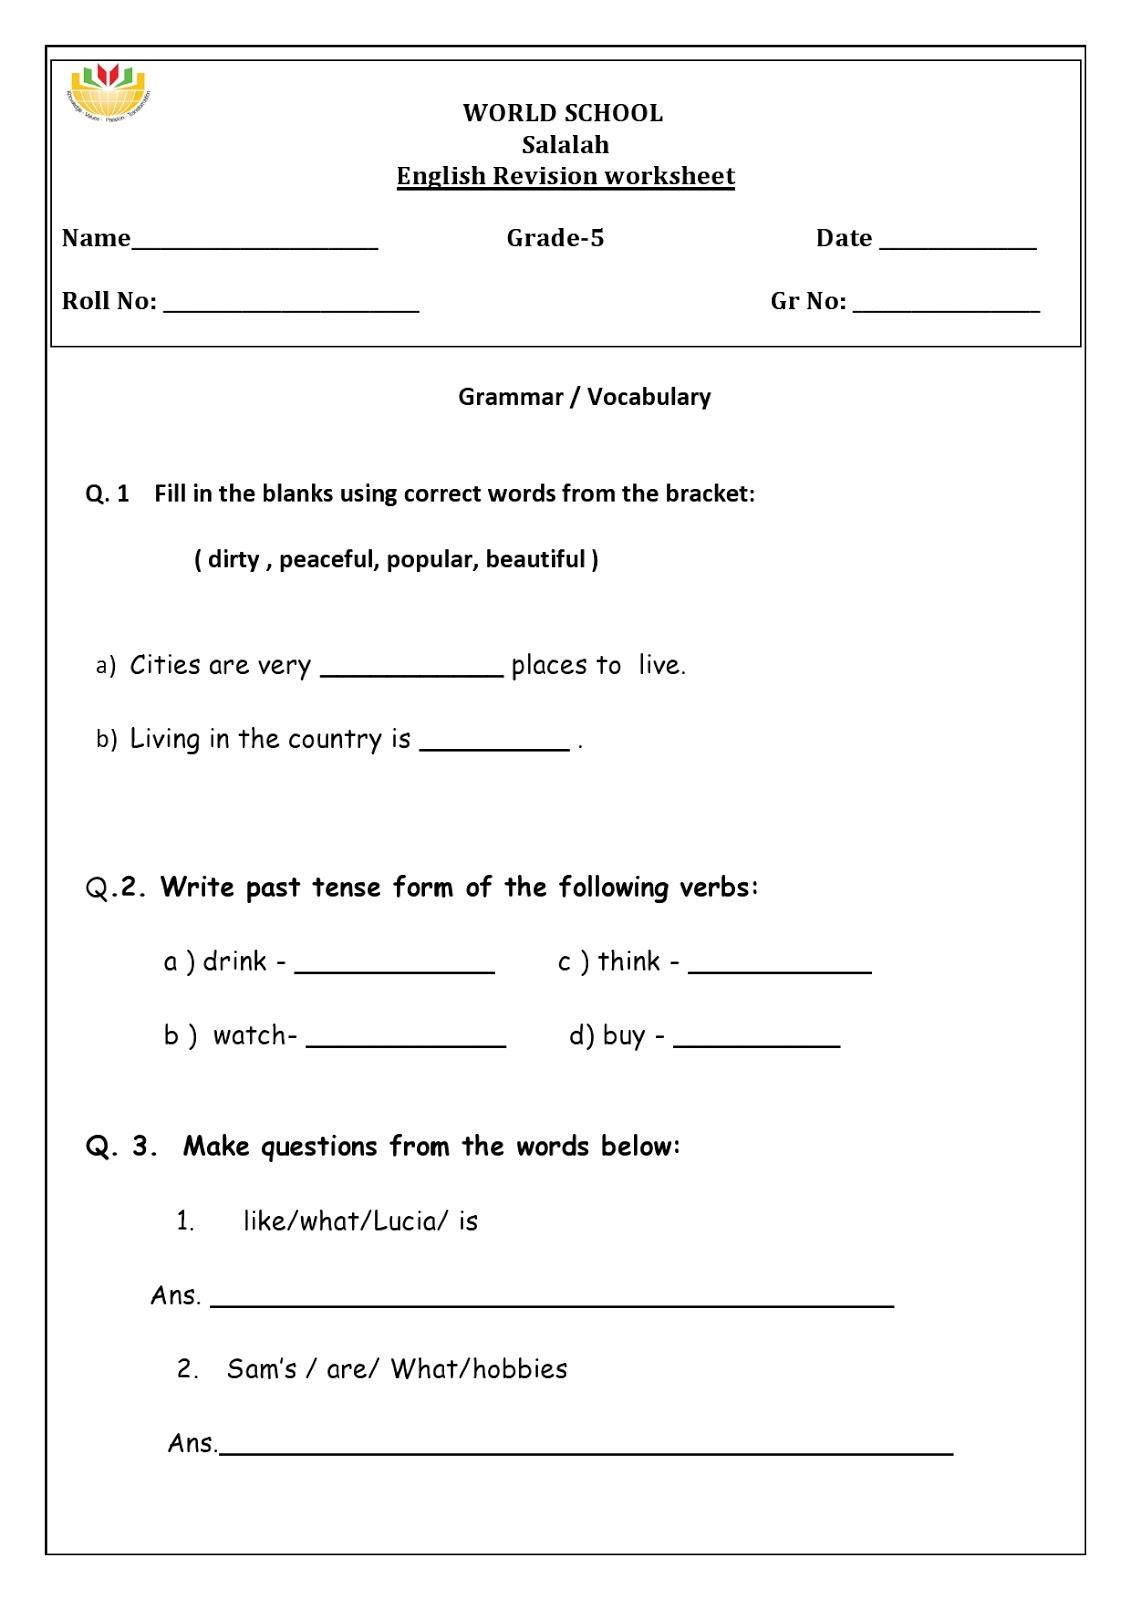 Revision worksheets for grade 5